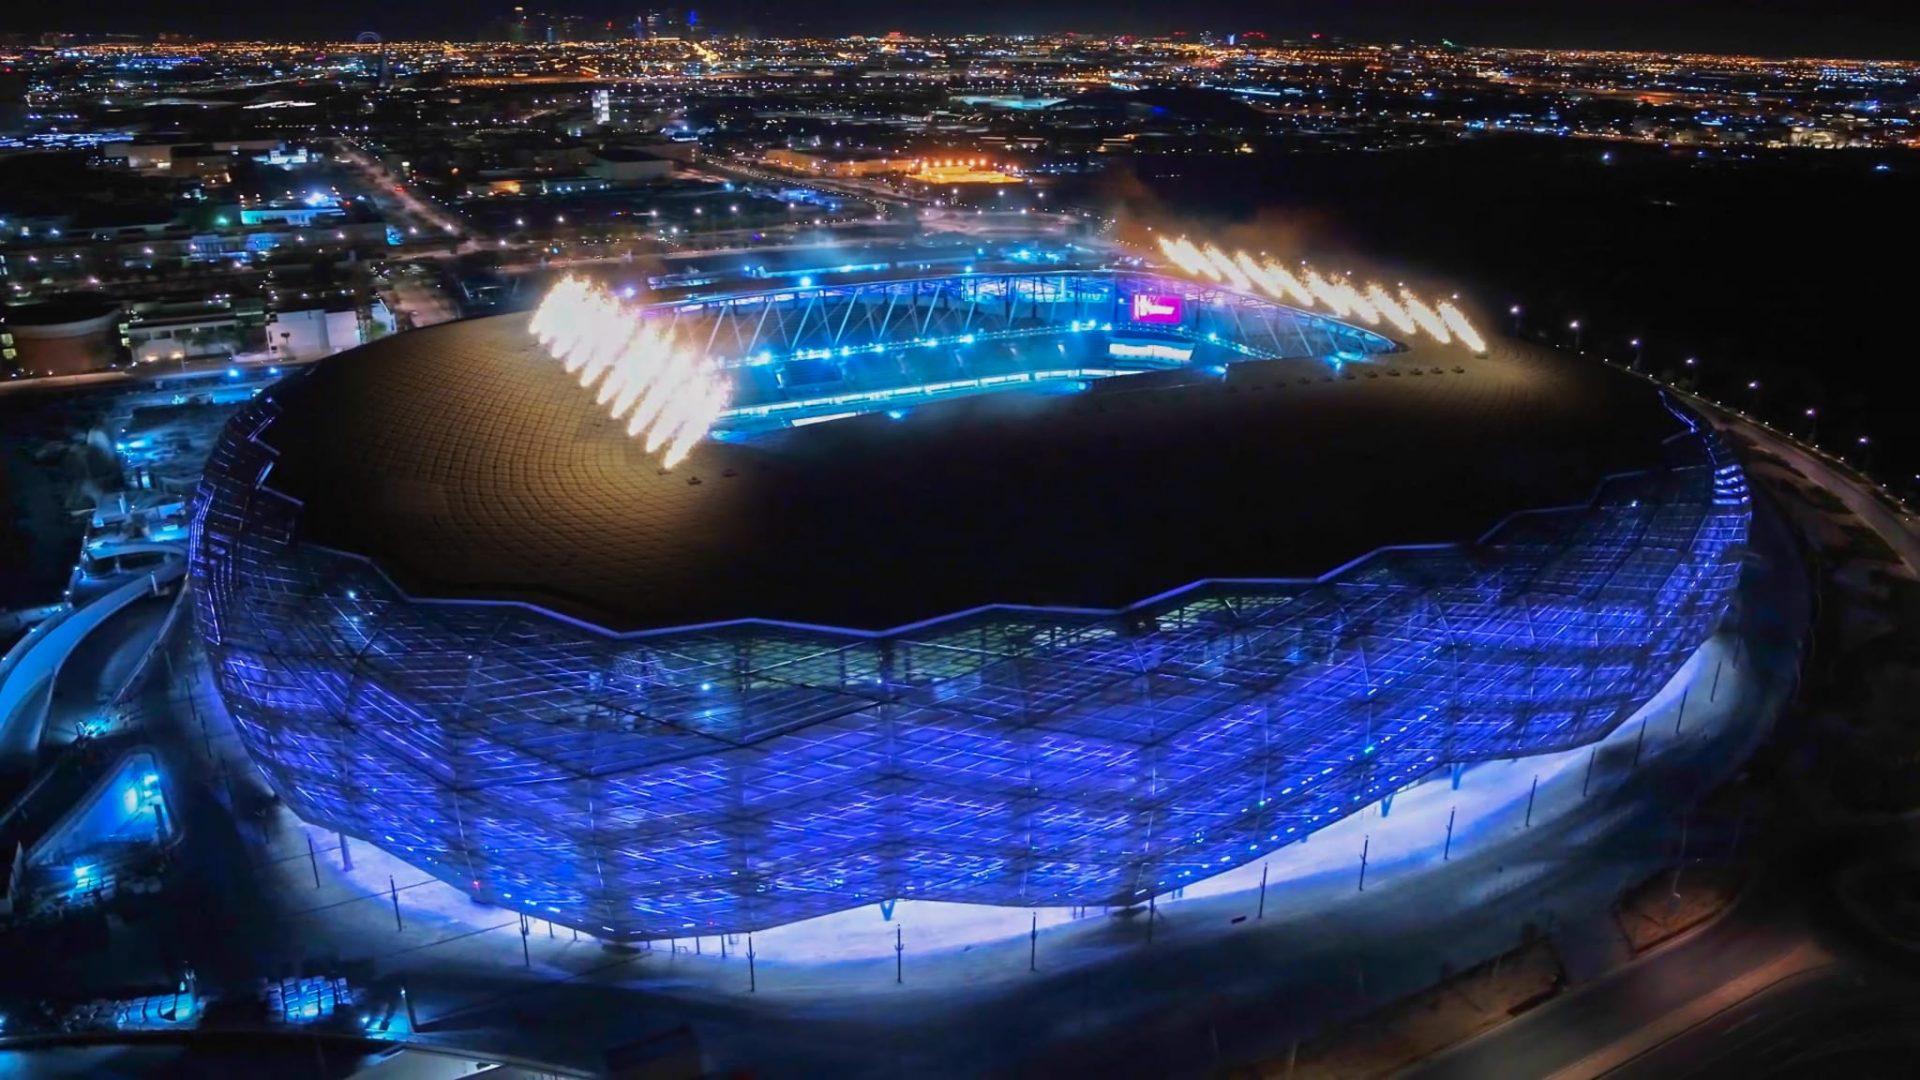 Estádio que receberá a Copa de 2022 é símbolo de sustentabilidade e inovação